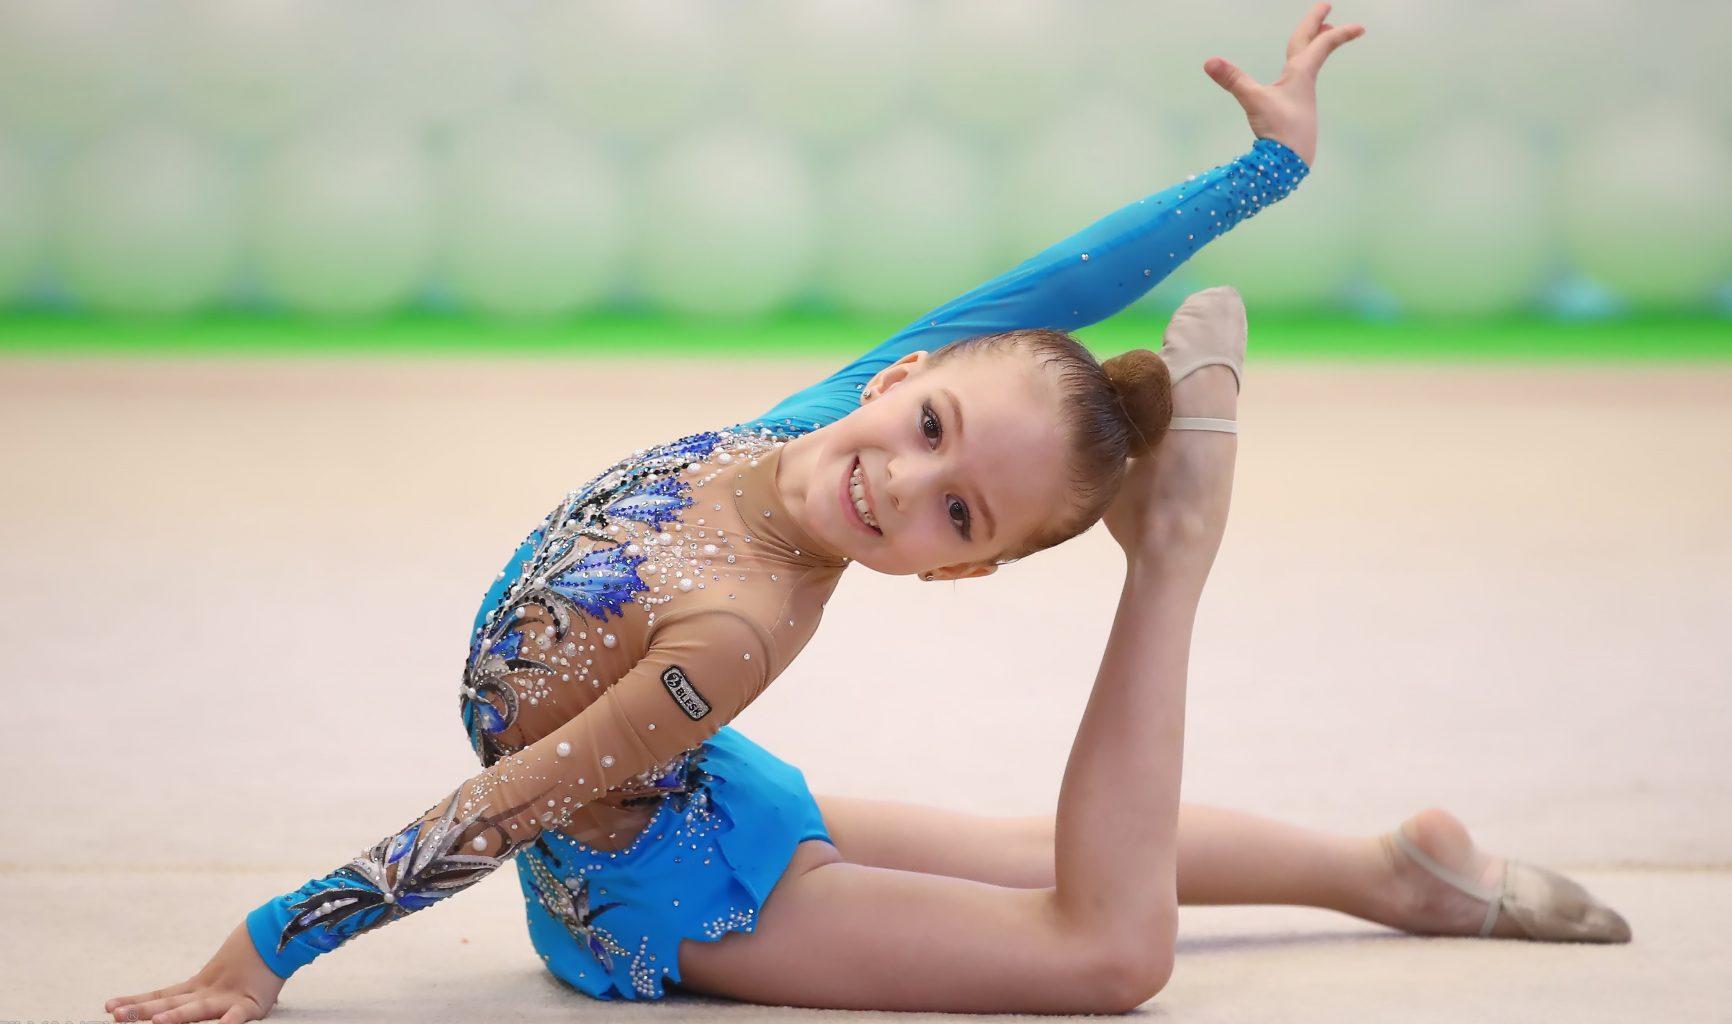 вот картинки маленьких гимнасток на соревнованиях военных автомобилистов россии